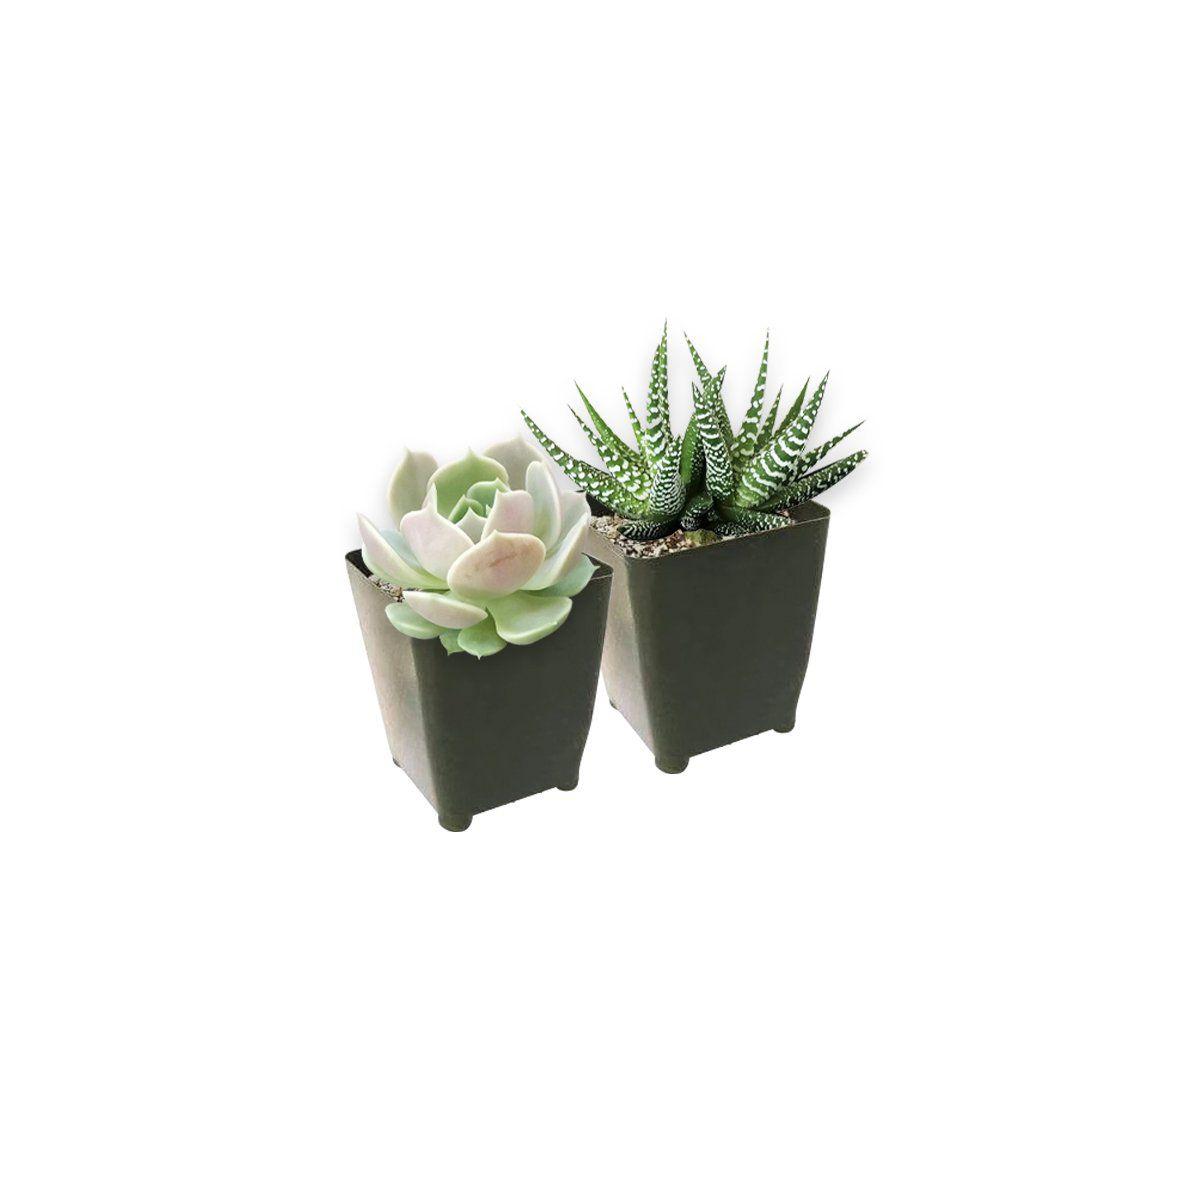 Succulents in grower's pots